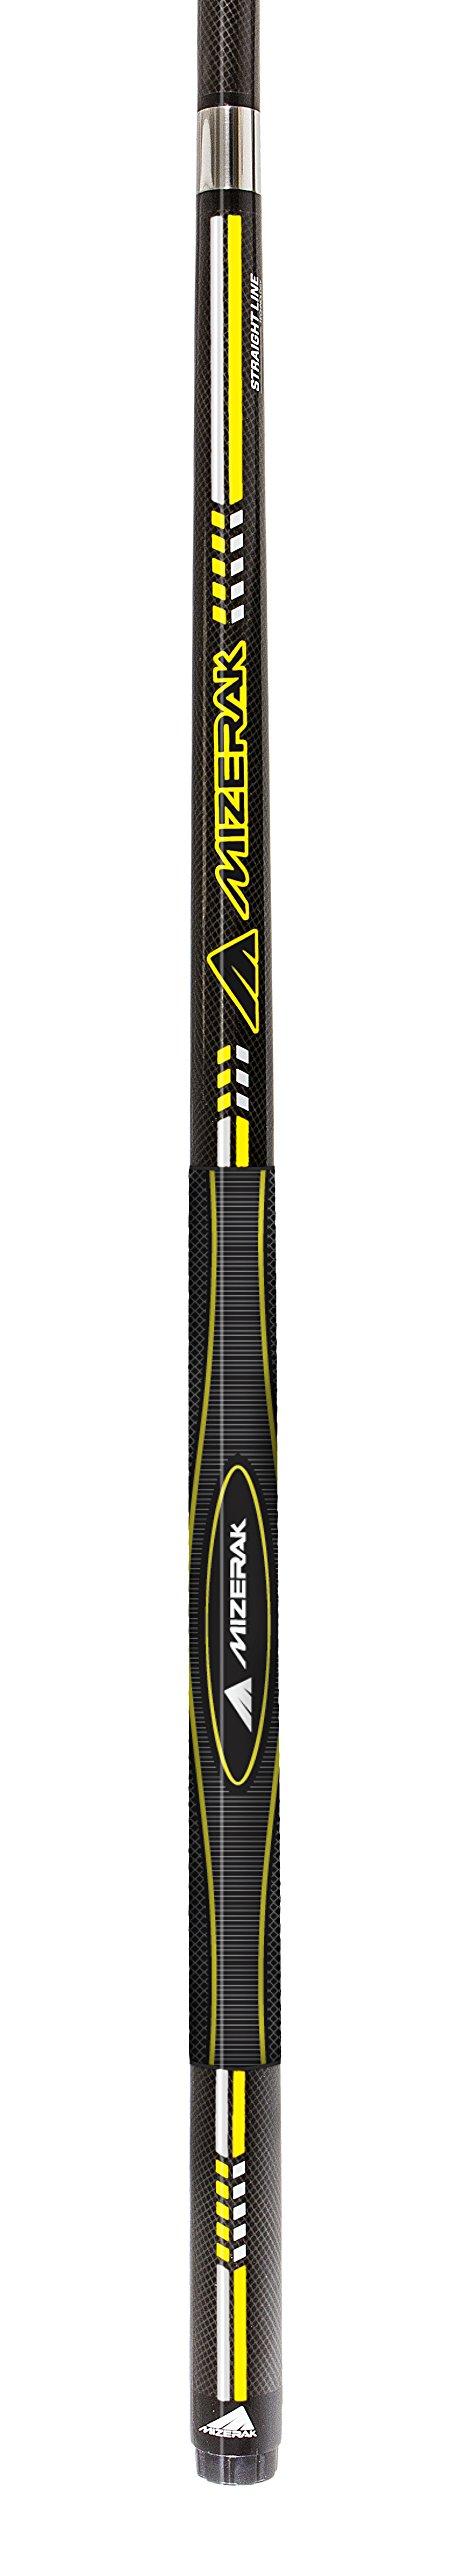 Mizerak 58'' 2-Piece Black Premium Carbon Composite 3D Grip Cue with Straight Line Technology